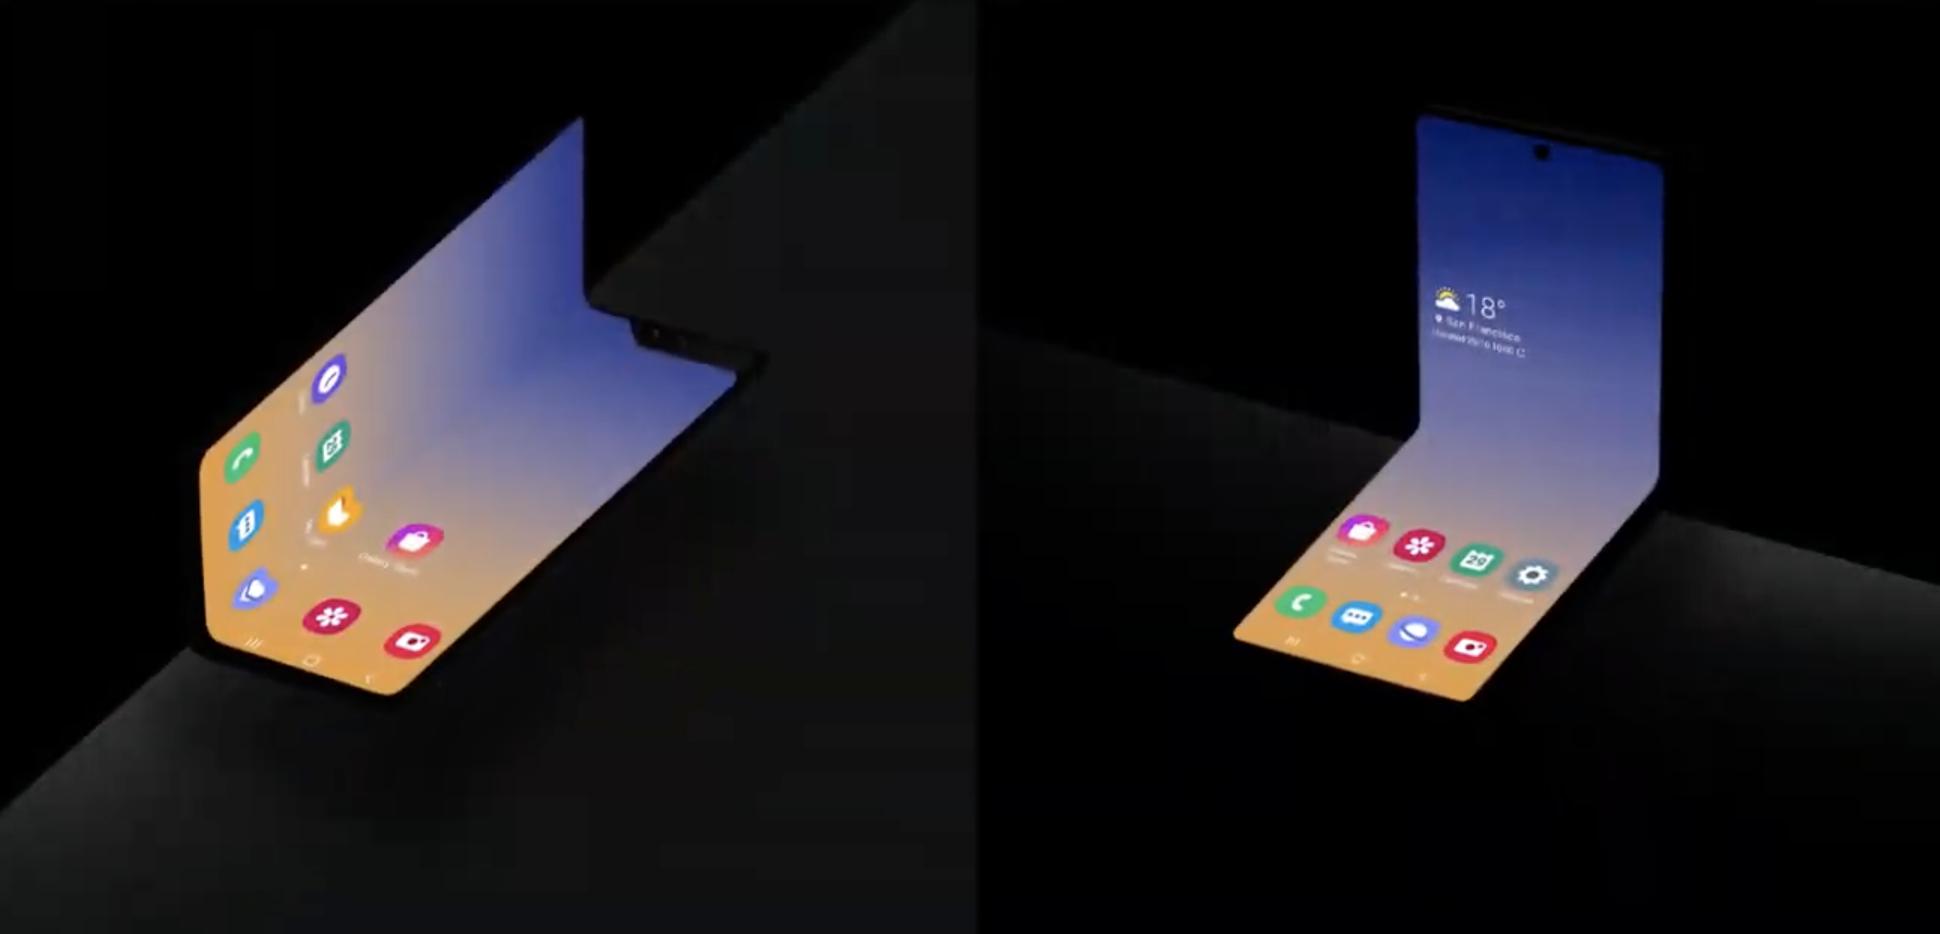 Samsung-ek erakutsi berri du nolakoa izango den Galaxy Tolestu